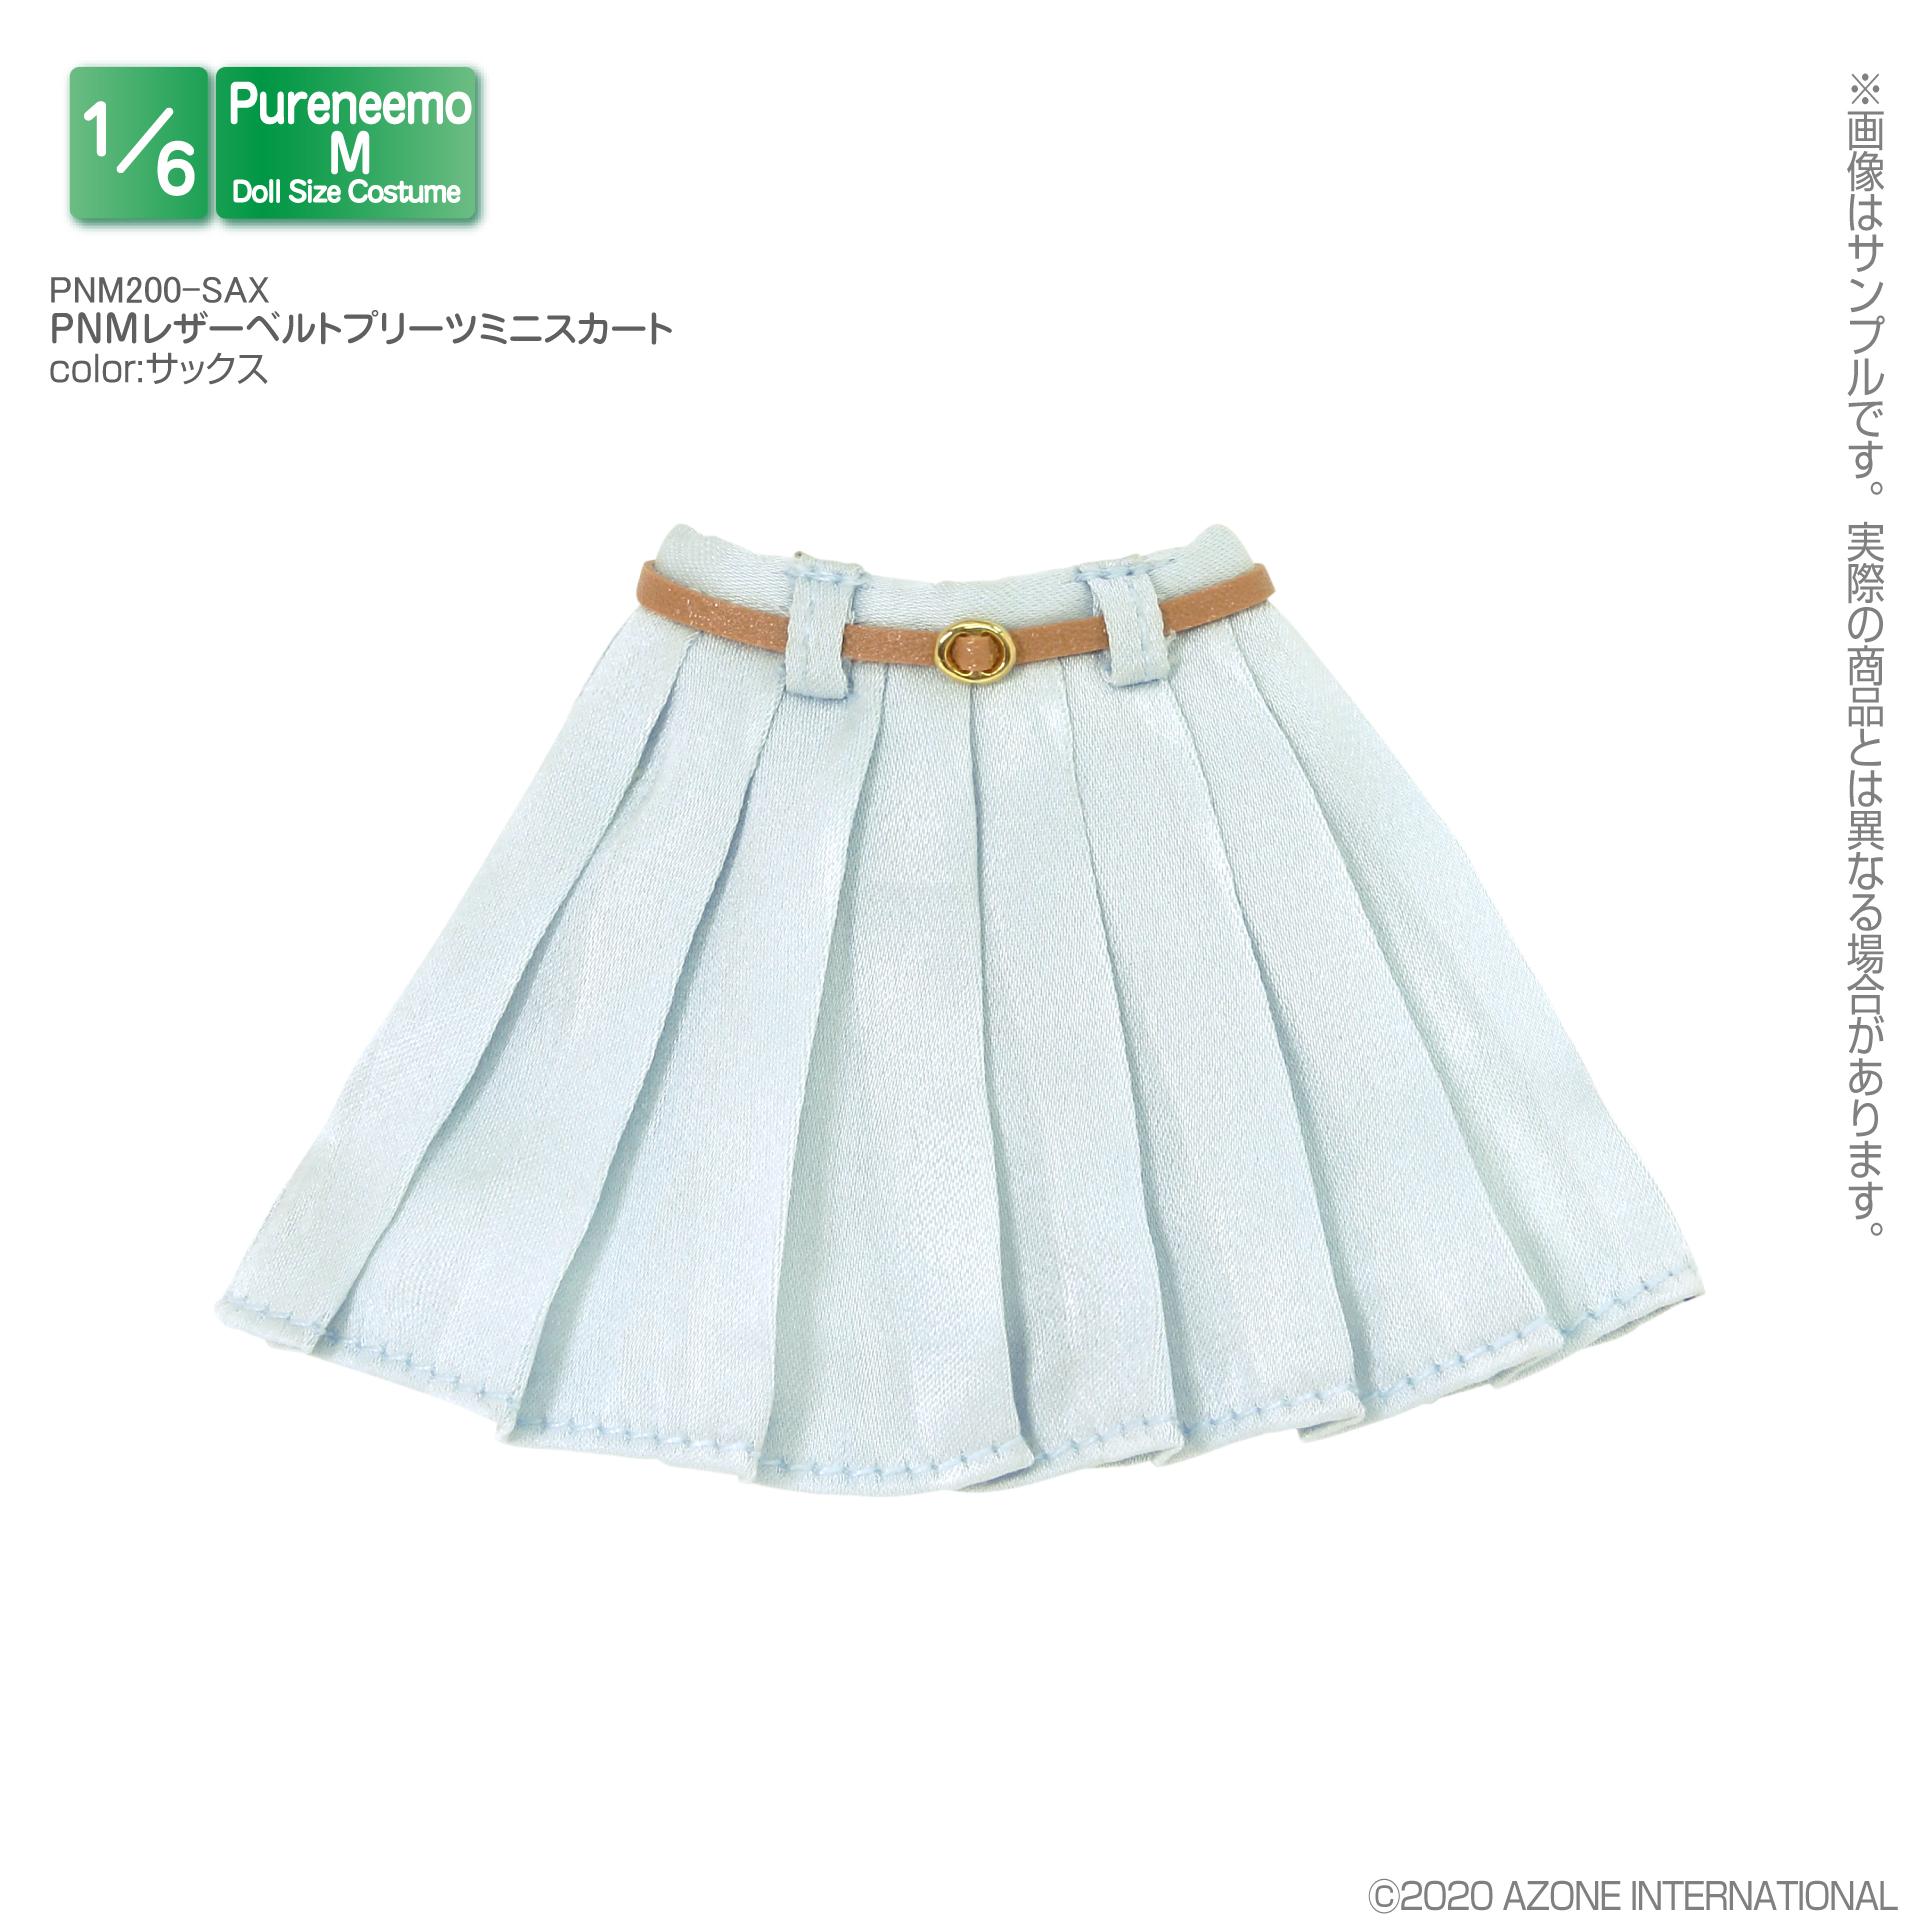 ピュアニーモ用 PNM『レザーベルトプリーツミニスカート[ピンク]』1/6 ドール服-003